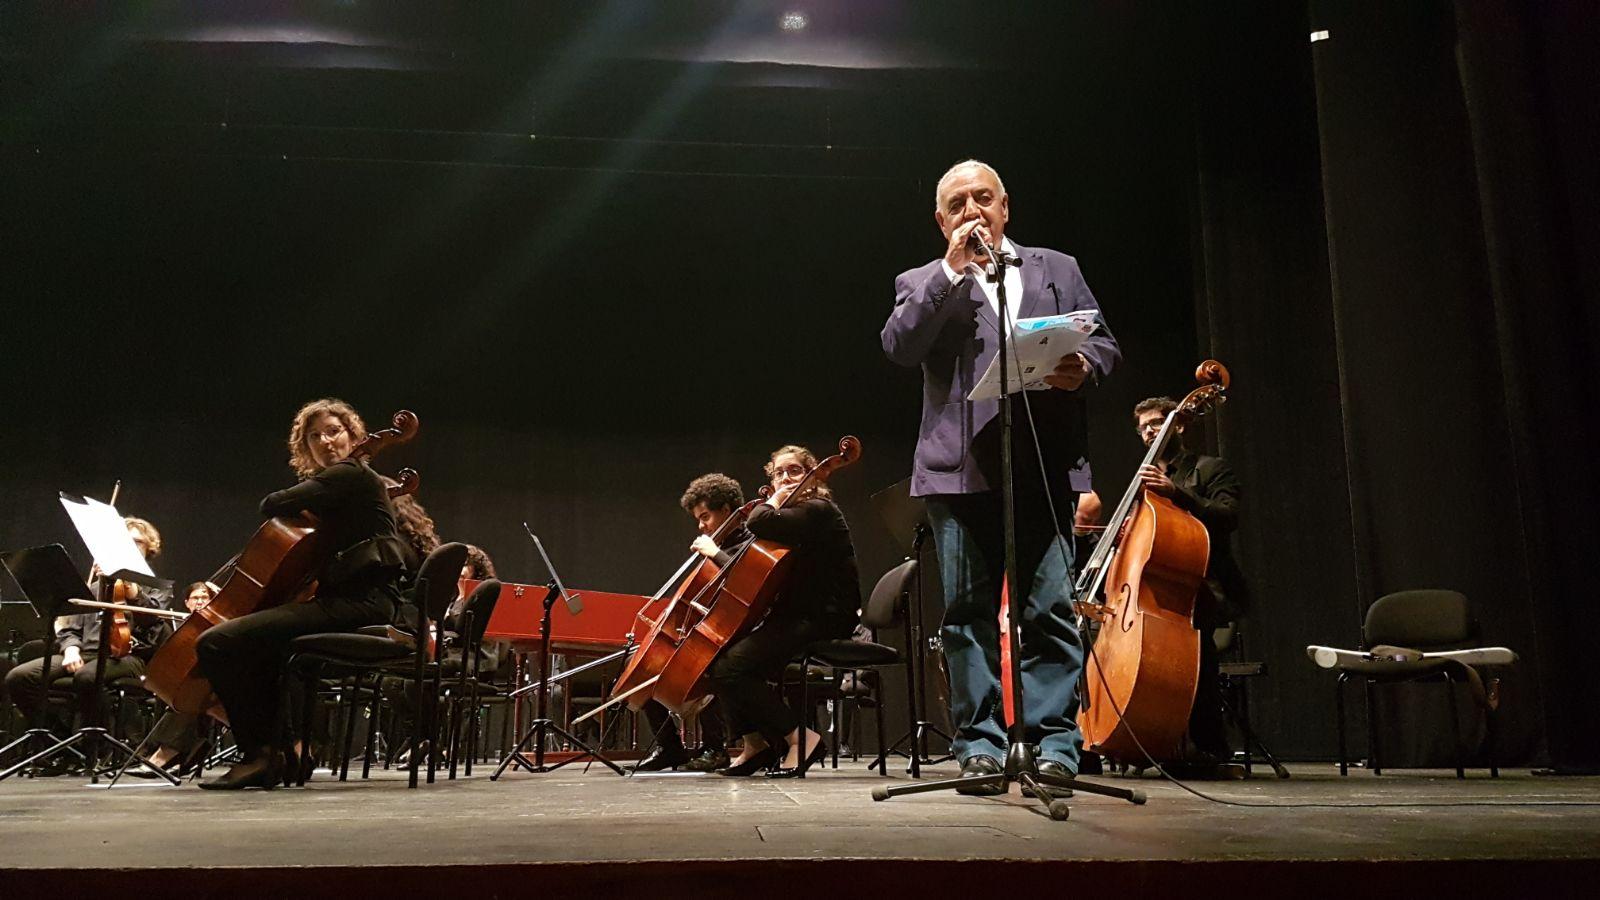 מוטי מלכא מציג את התזמורת הקאמרית תל אביב. קרדיט צילום: חנבו תקשורת